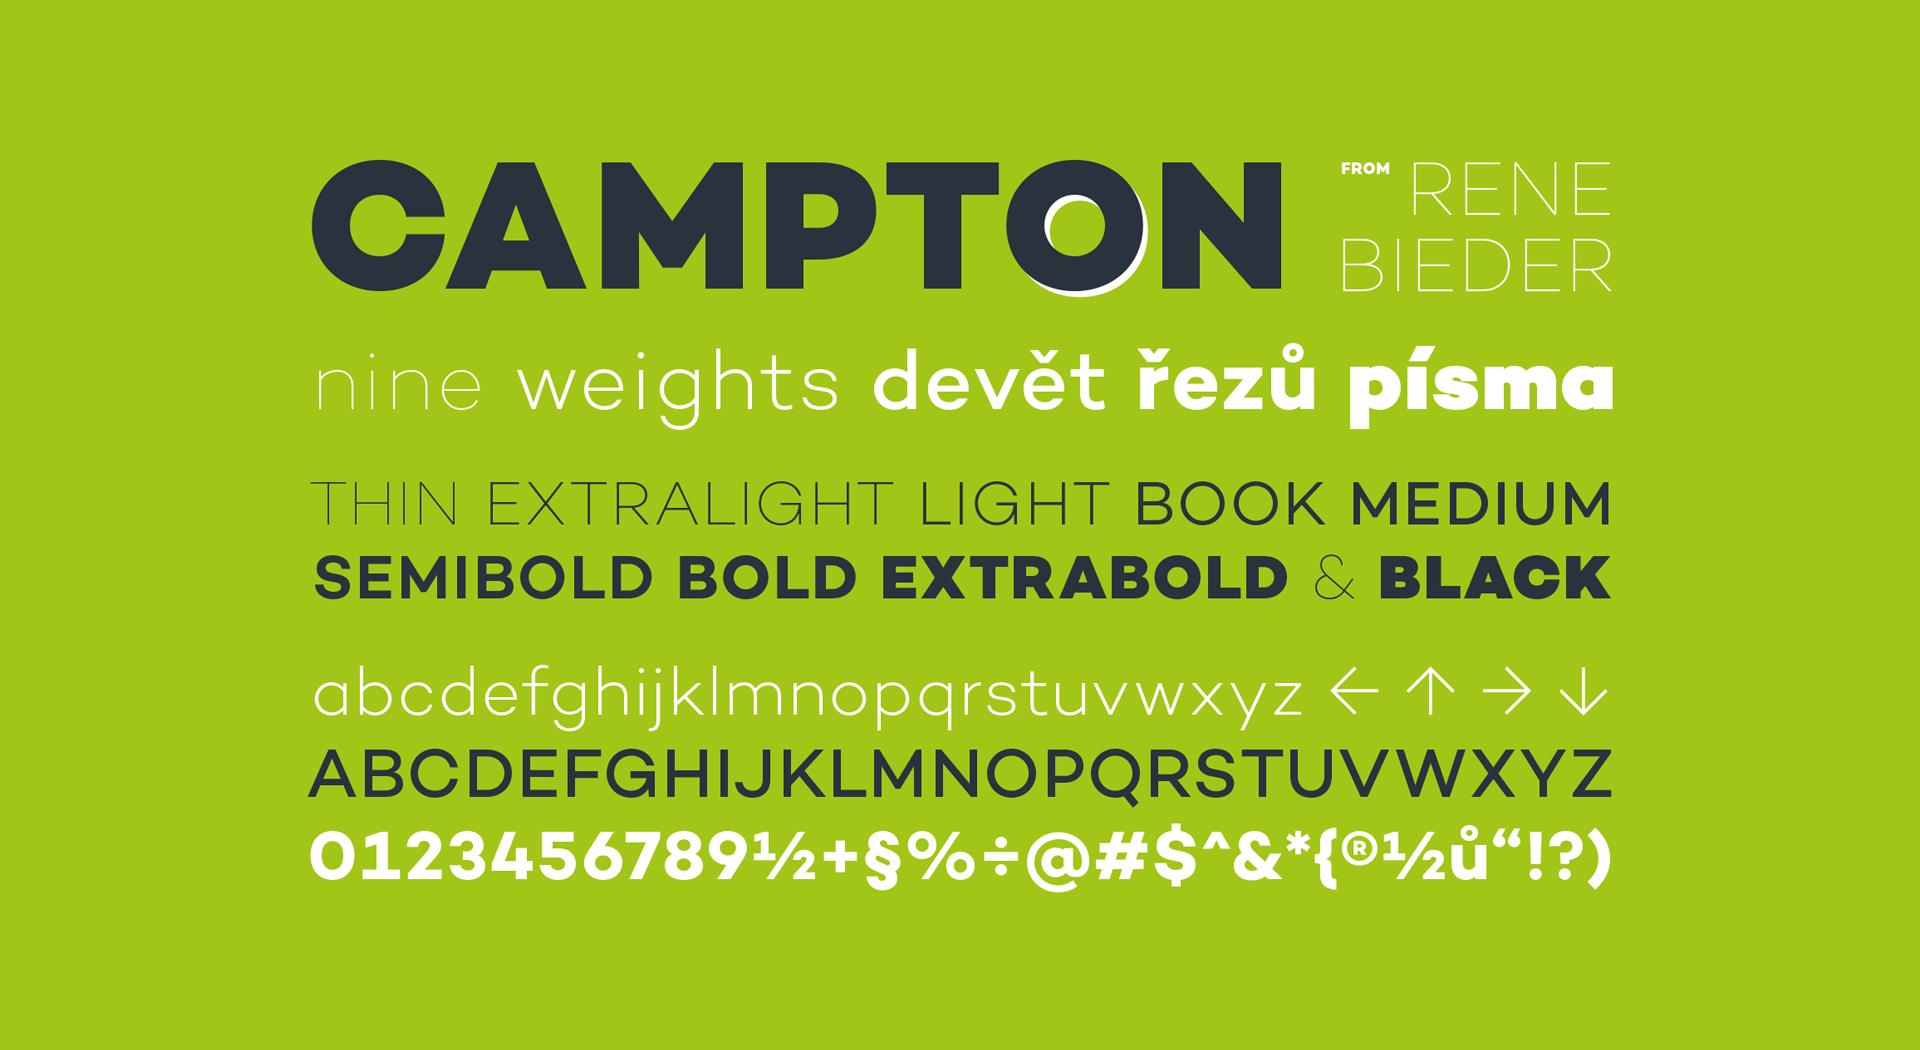 campton_1920x1050px_02